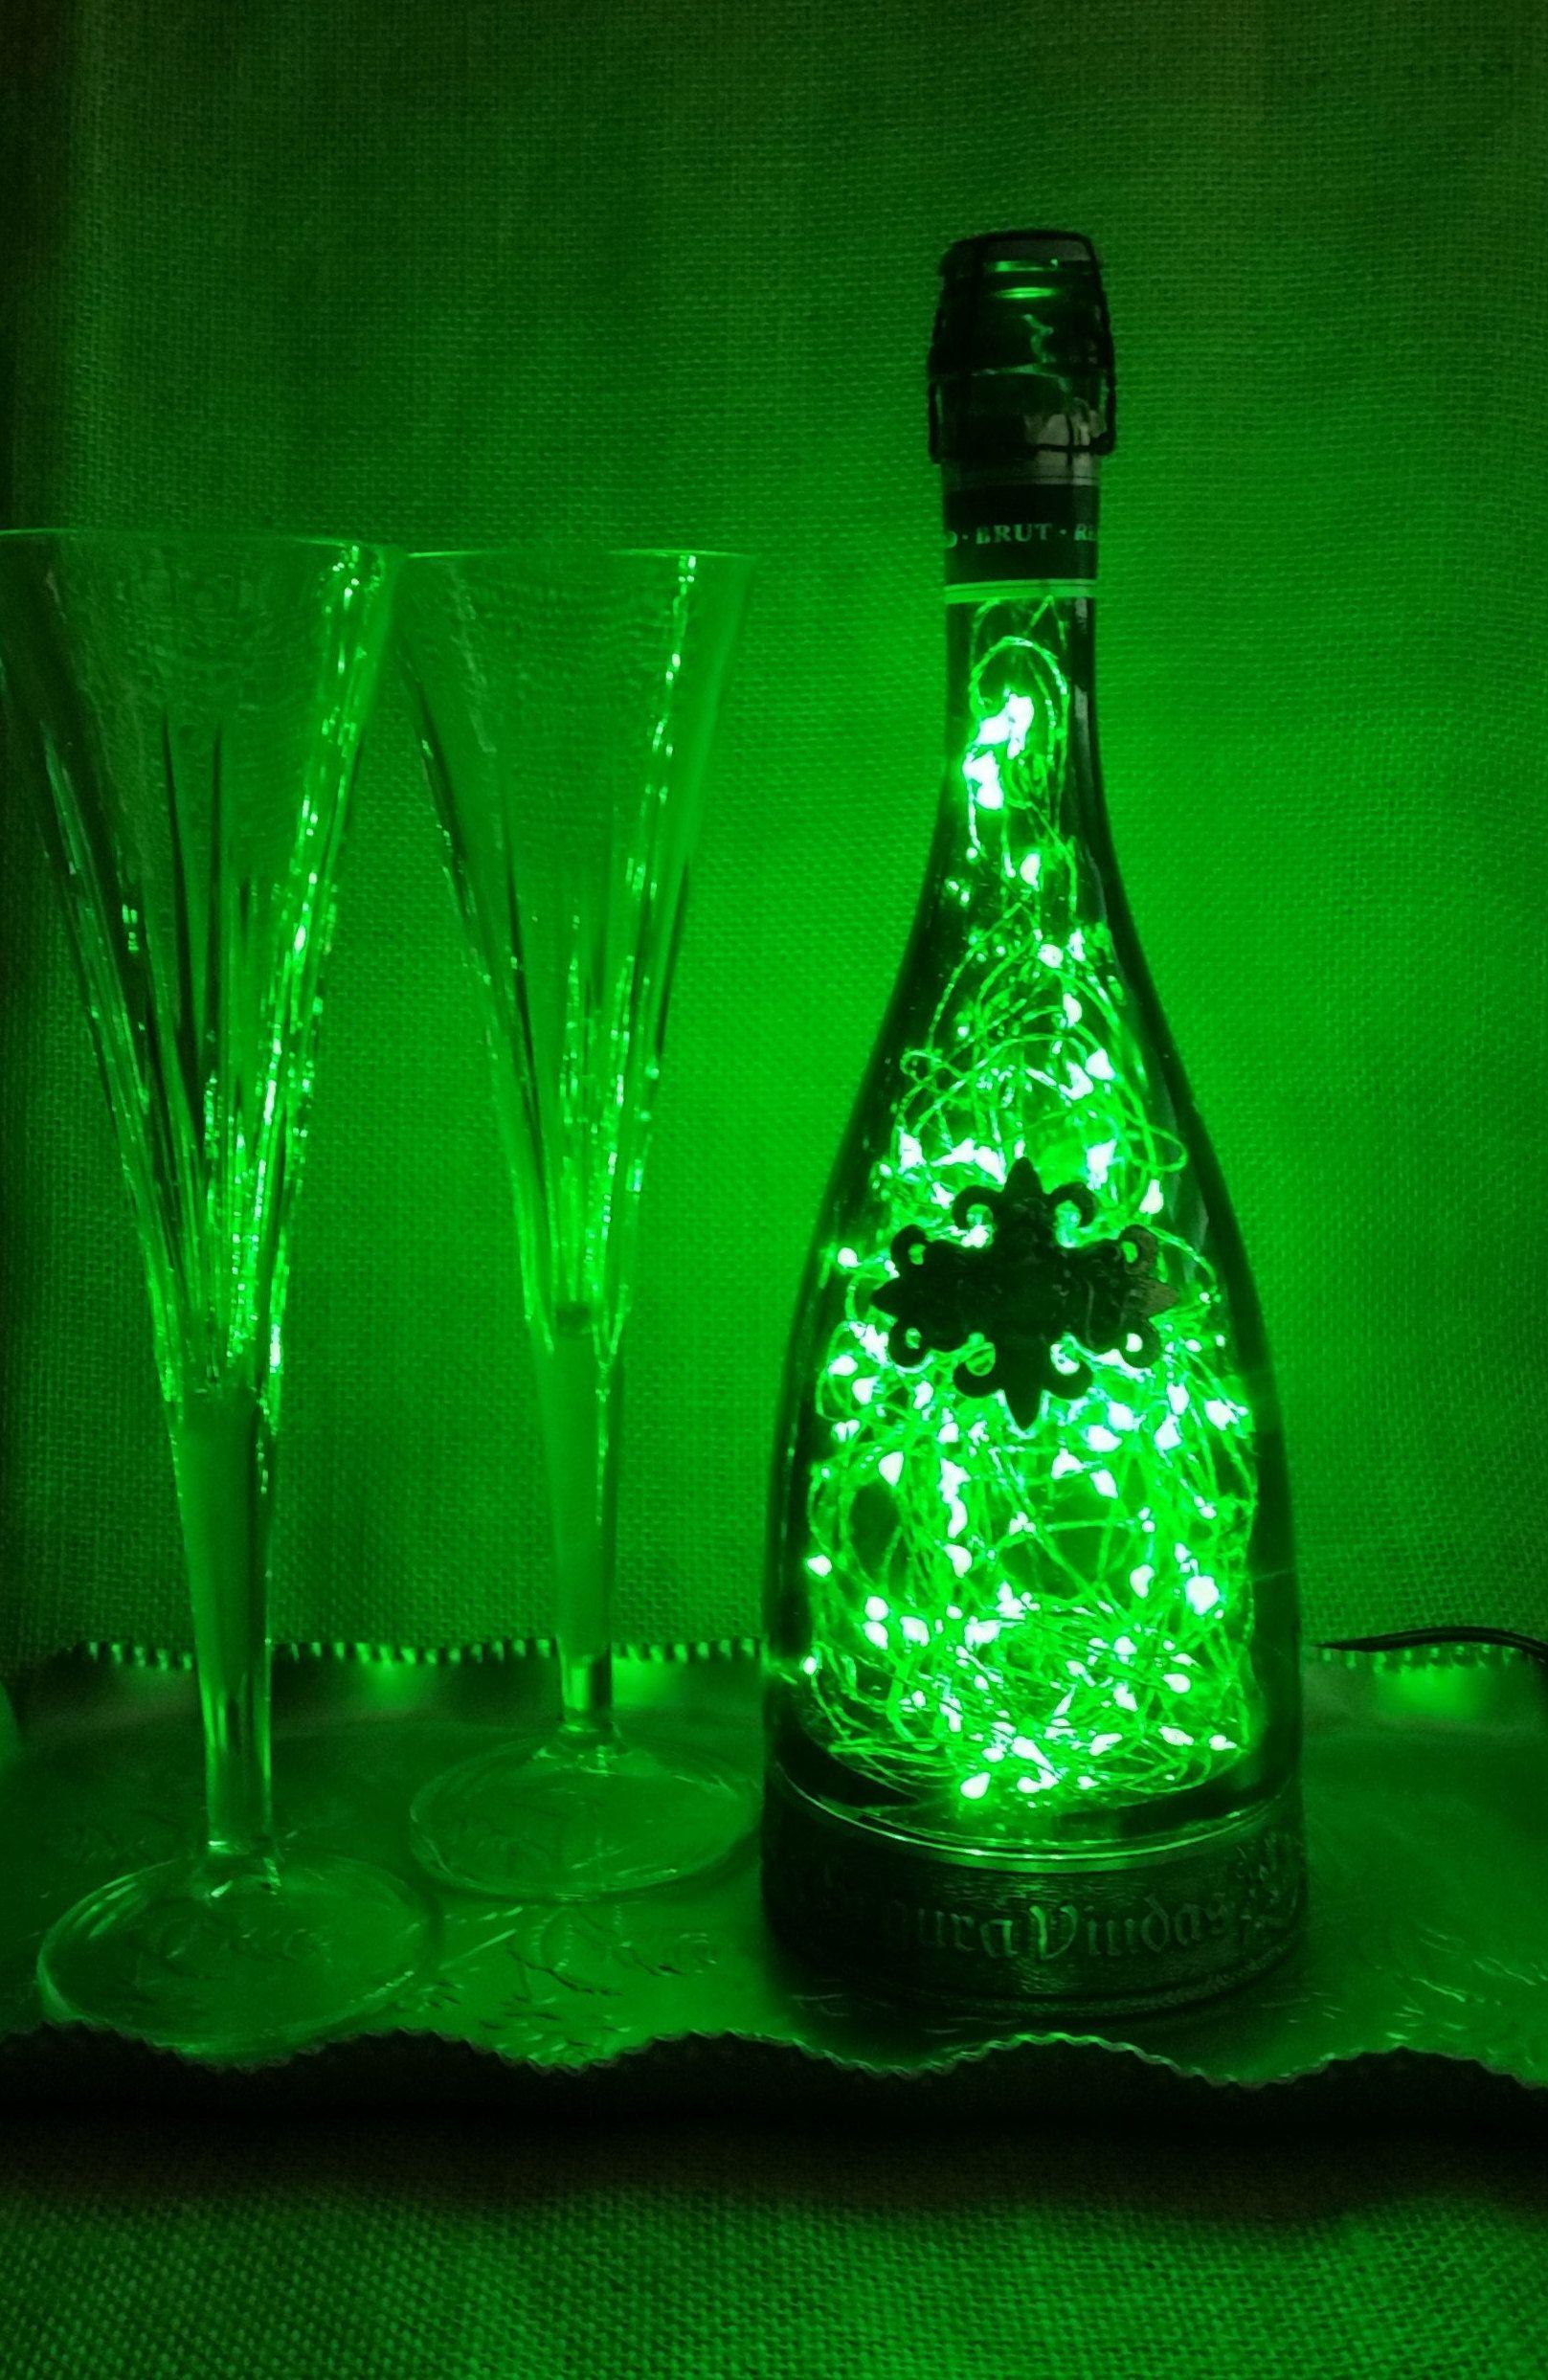 Champagne Bottle Fairy Lights Led Lamp Starry Spanish Brut